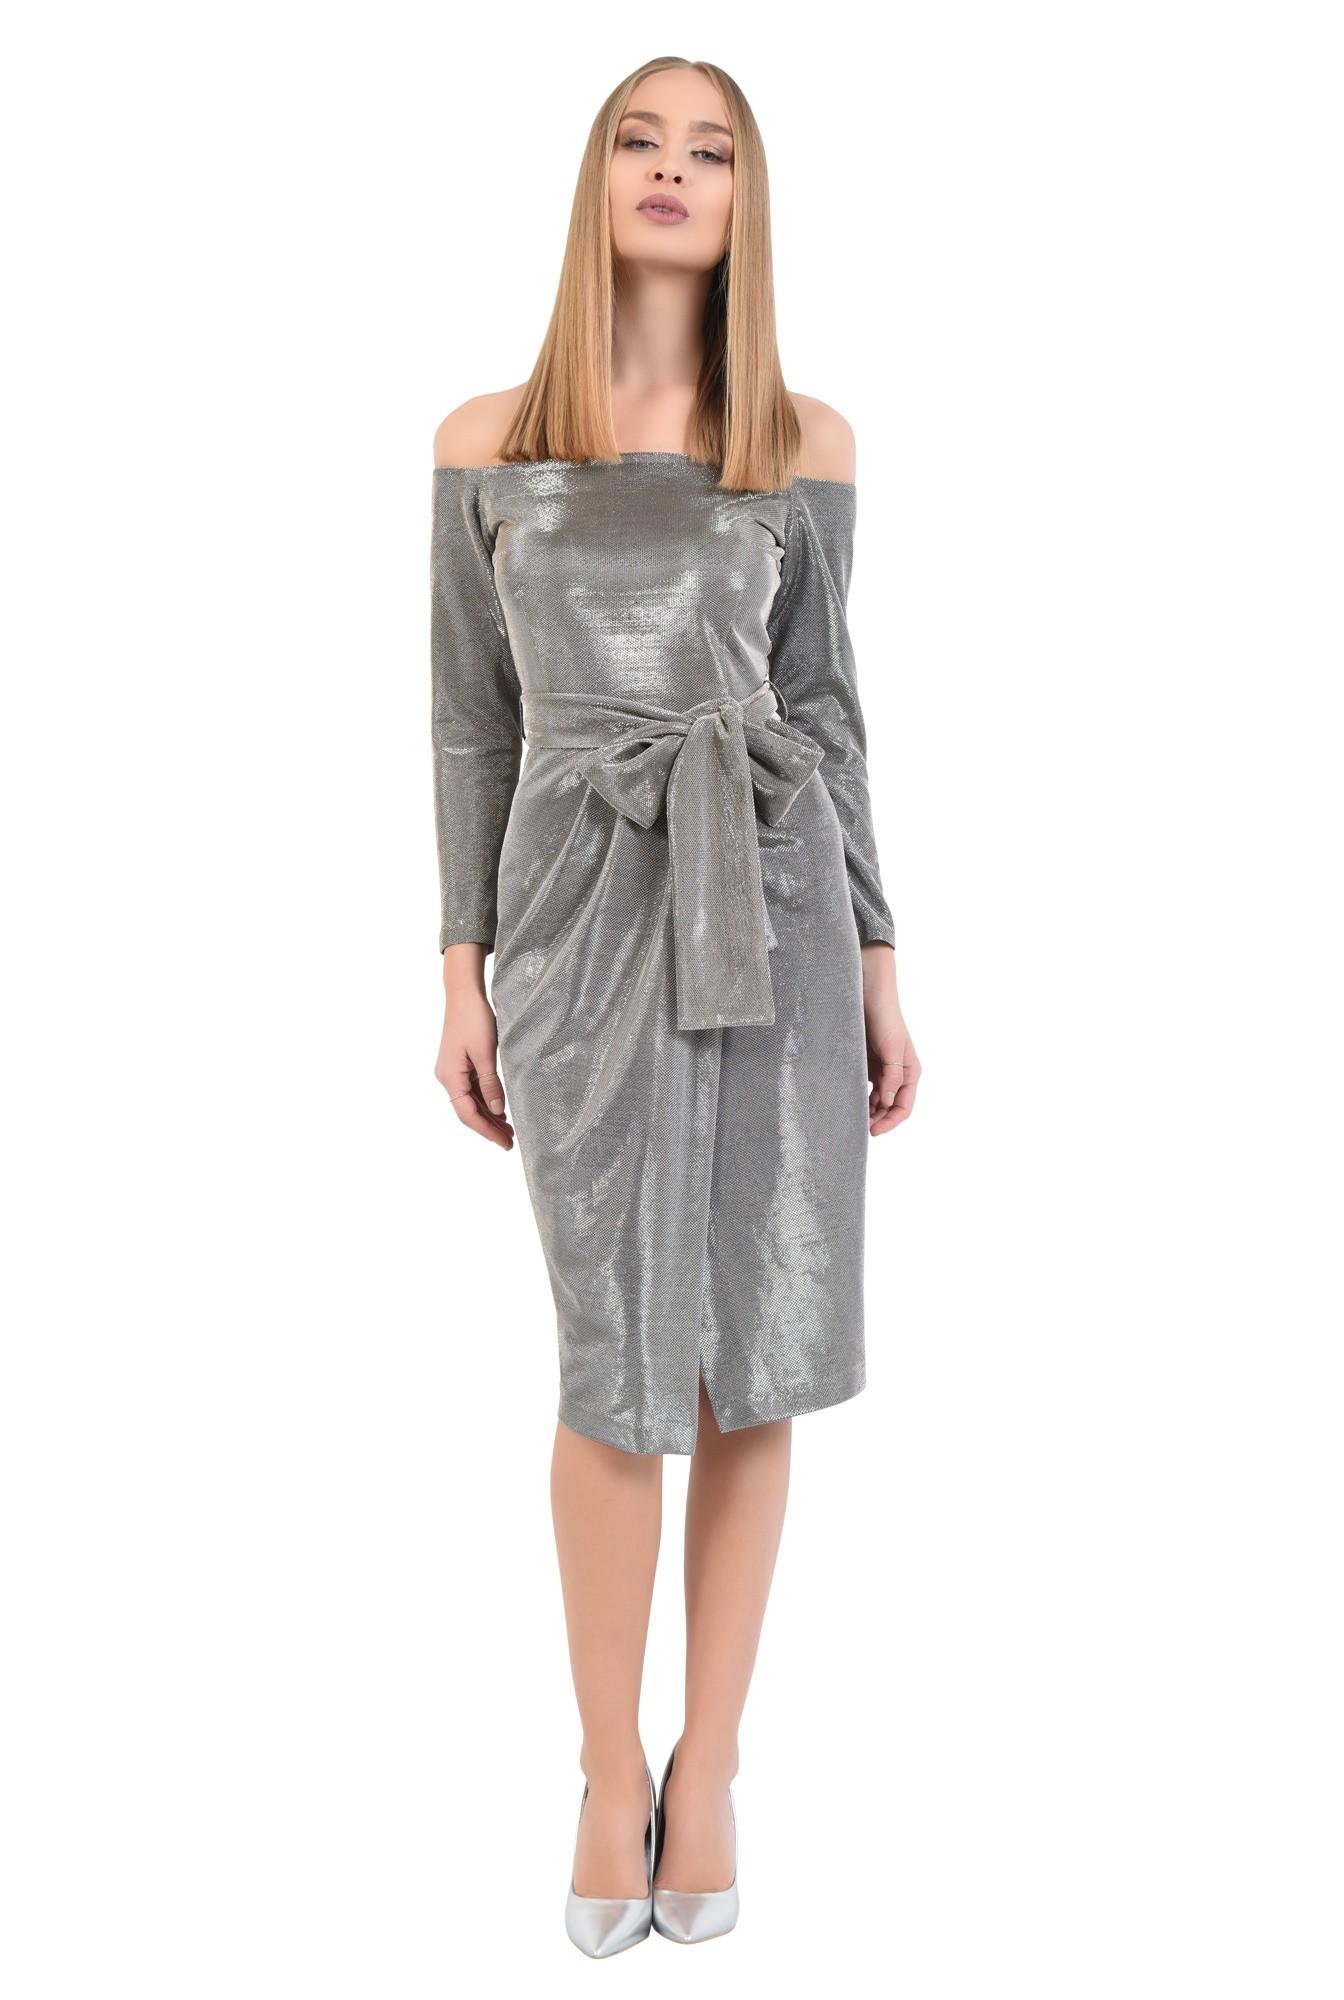 3 - 360 - rochie eleganta, din lurex, cu sclipici, cu funda